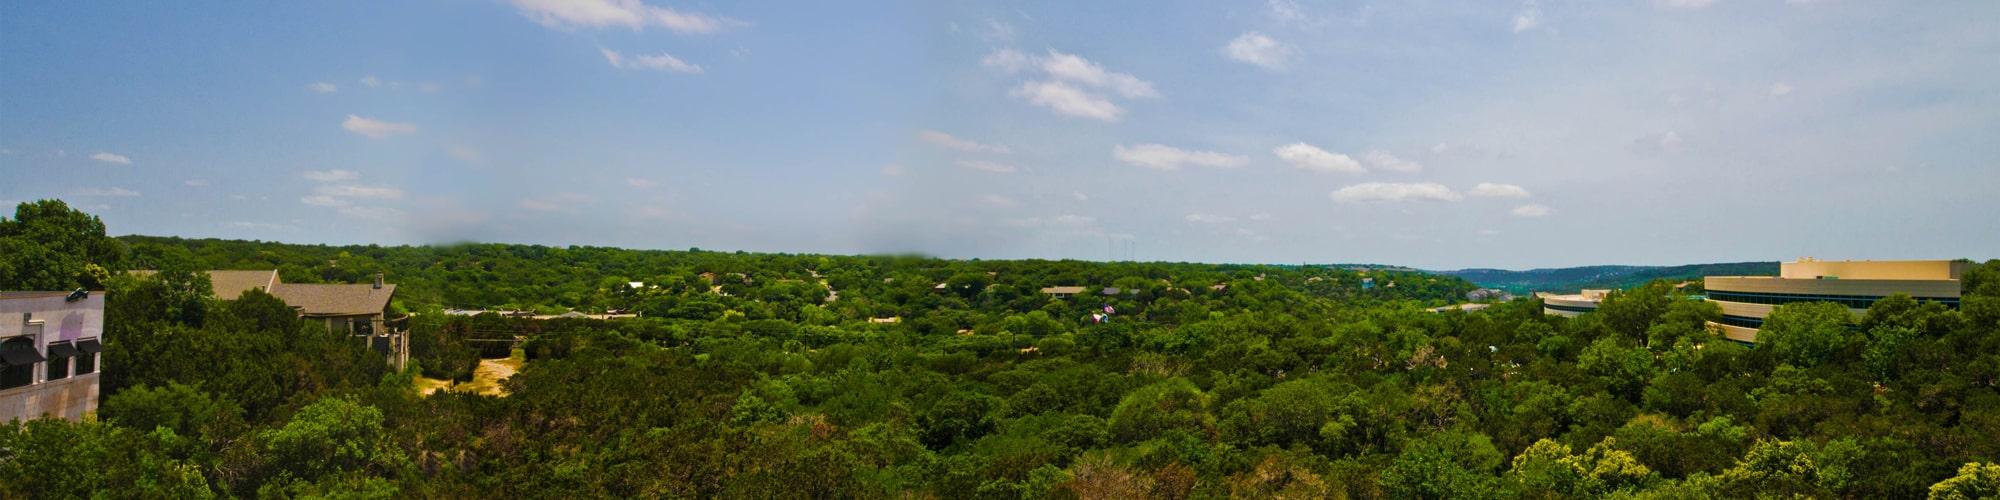 9500 Arboretum Hill Country View | 9500 Arboretum Boulevard in Austin, Texas